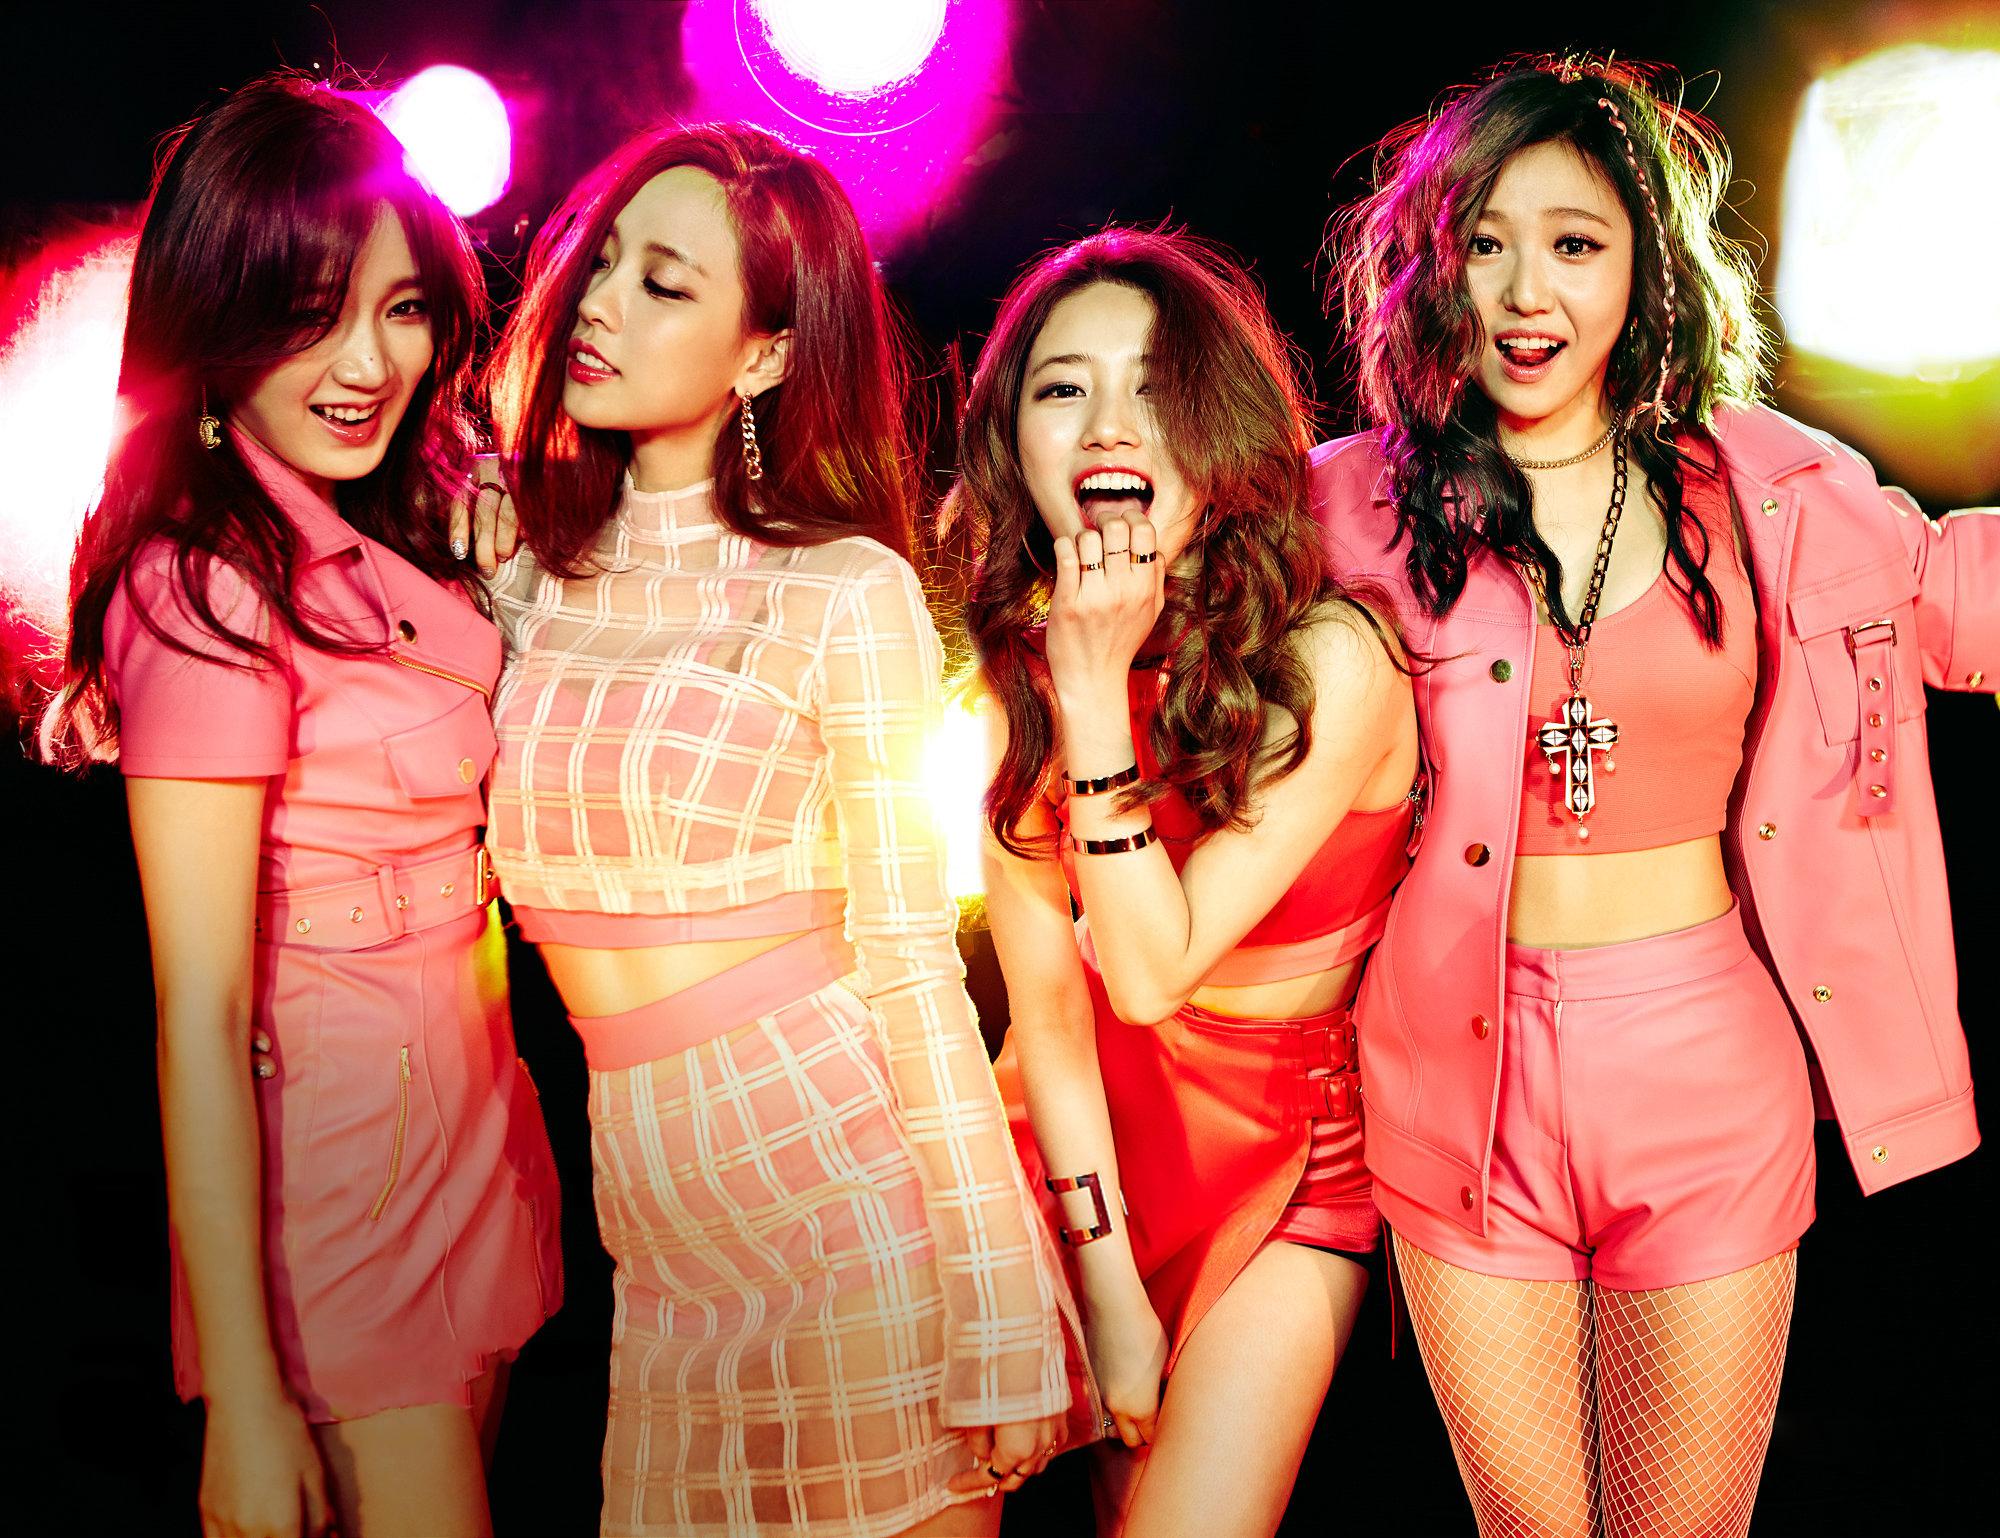 http://korean-cute.sosugary.com/albums/userpics/10001/ibonffehgReJMM.jpg